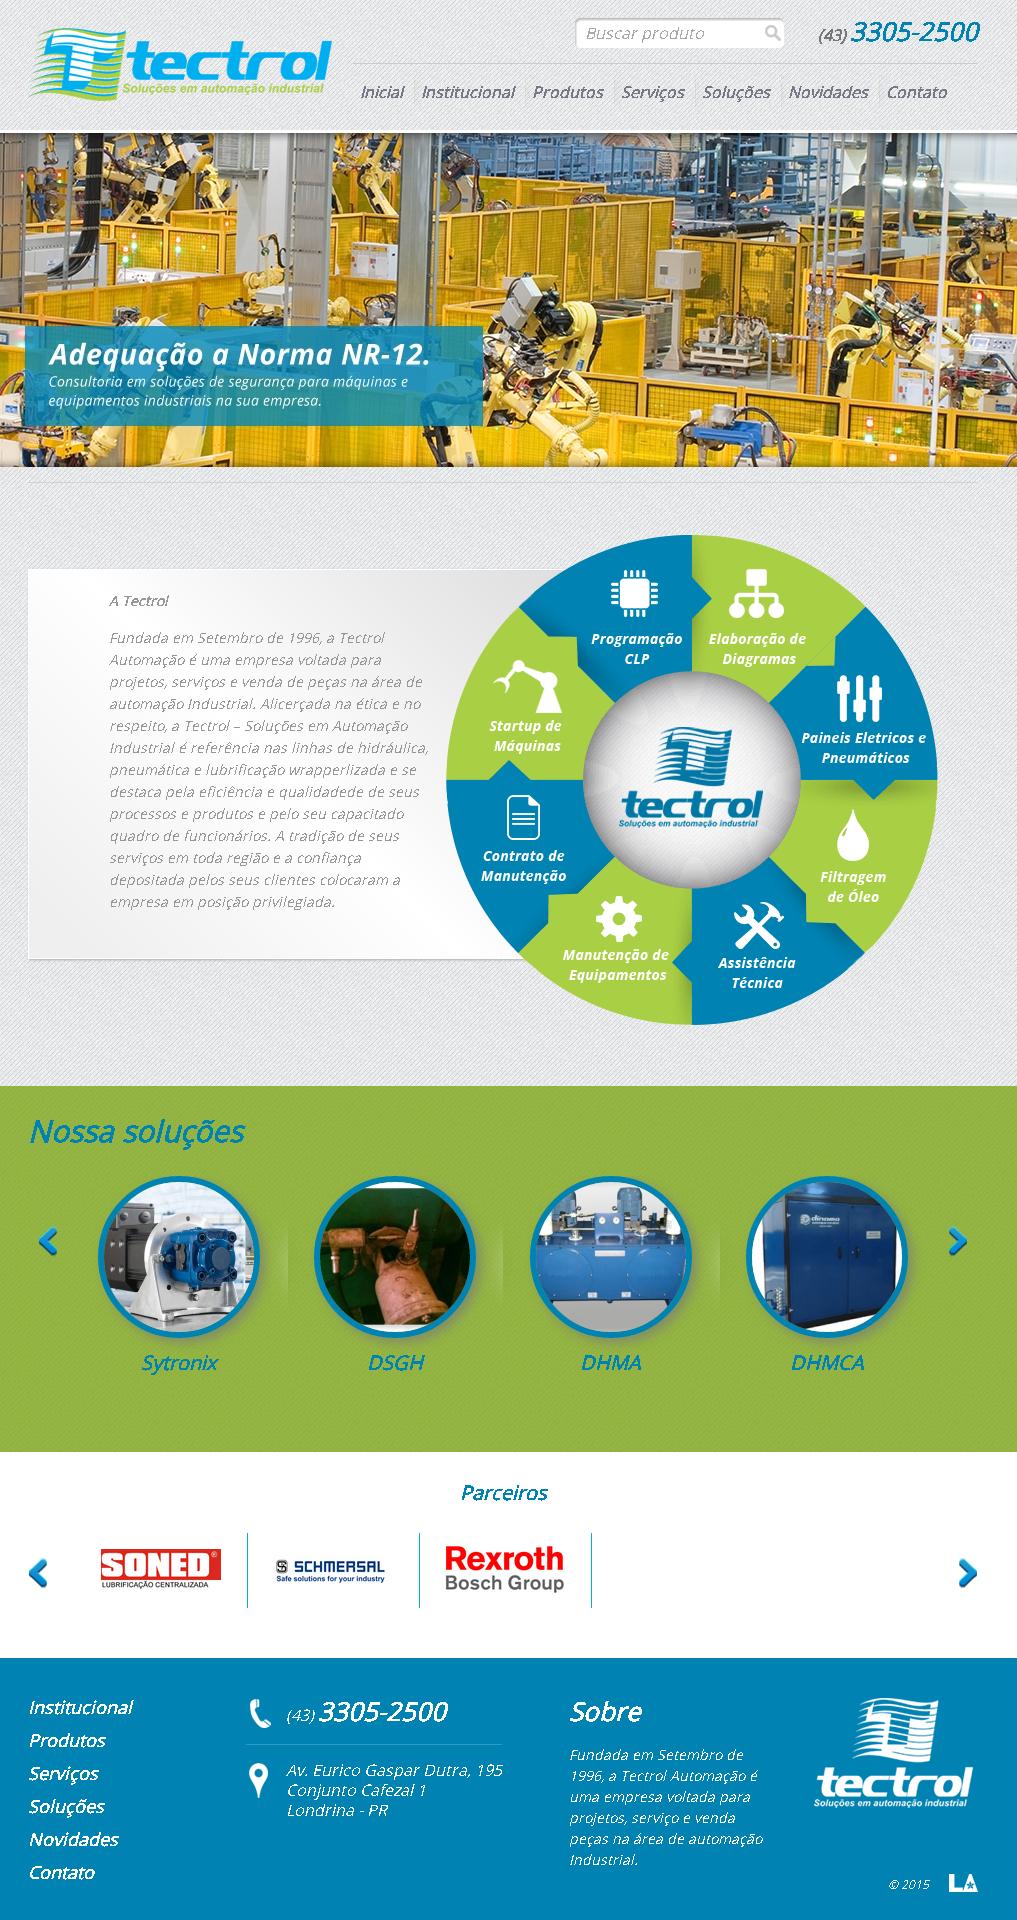 Tectrol Automação Industrial